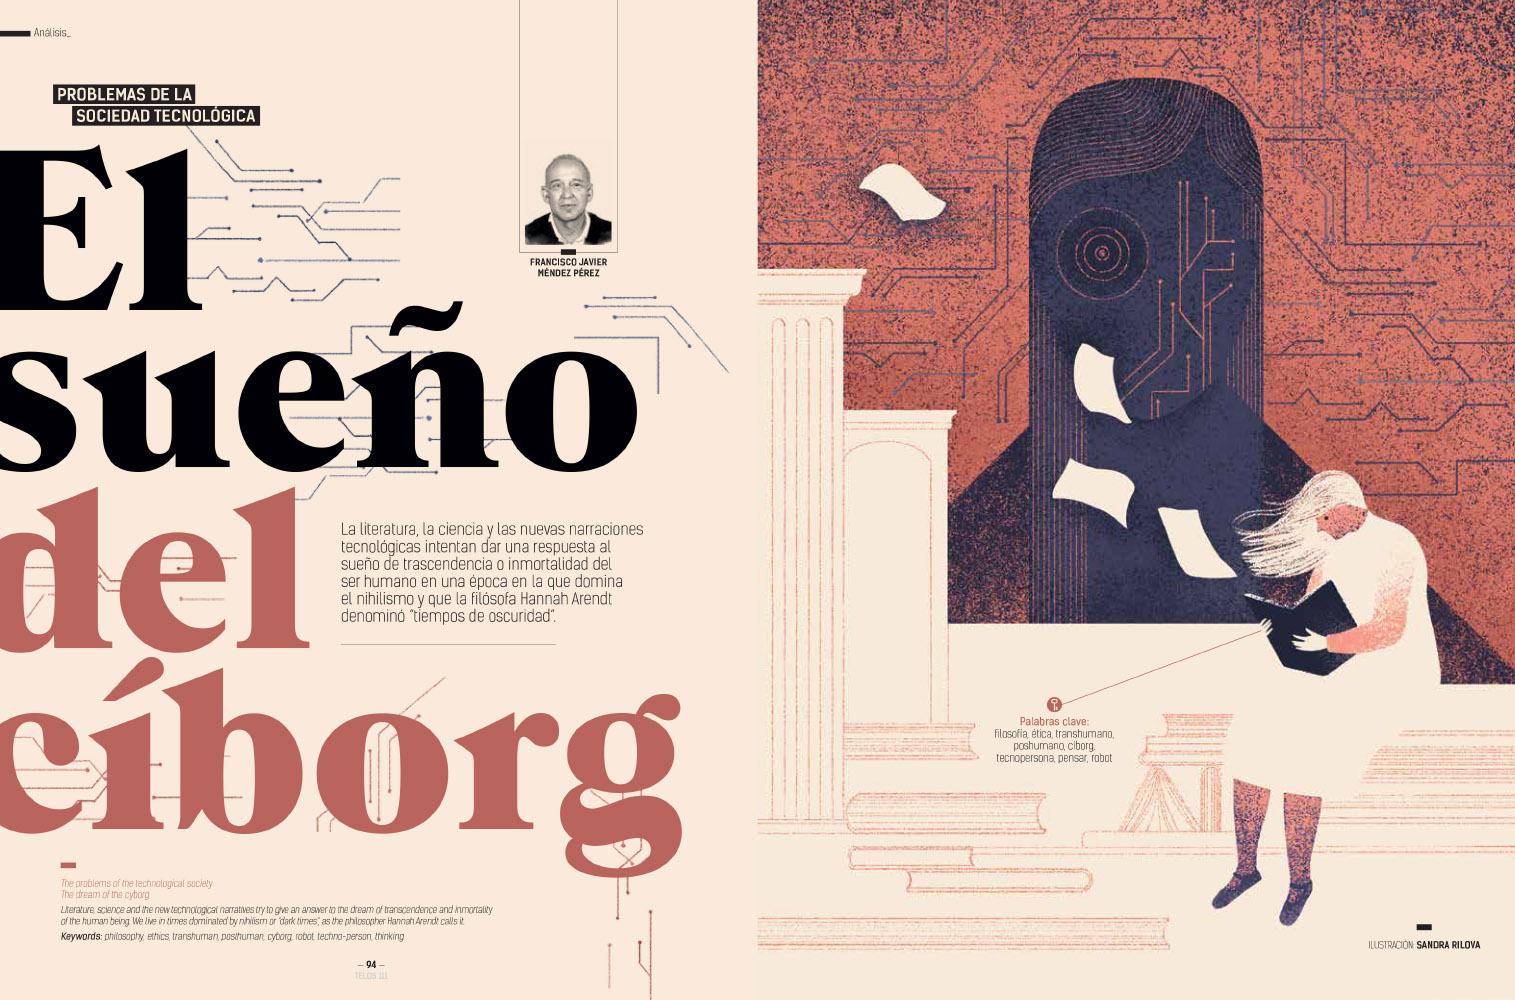 Páginas desdeTelos_111-19.jpg Sueño_cyborg_final_insta_1.jpg Sueño_cyborg_final_insta_2.jpg Sueño_cyborg_final_insta.jpg